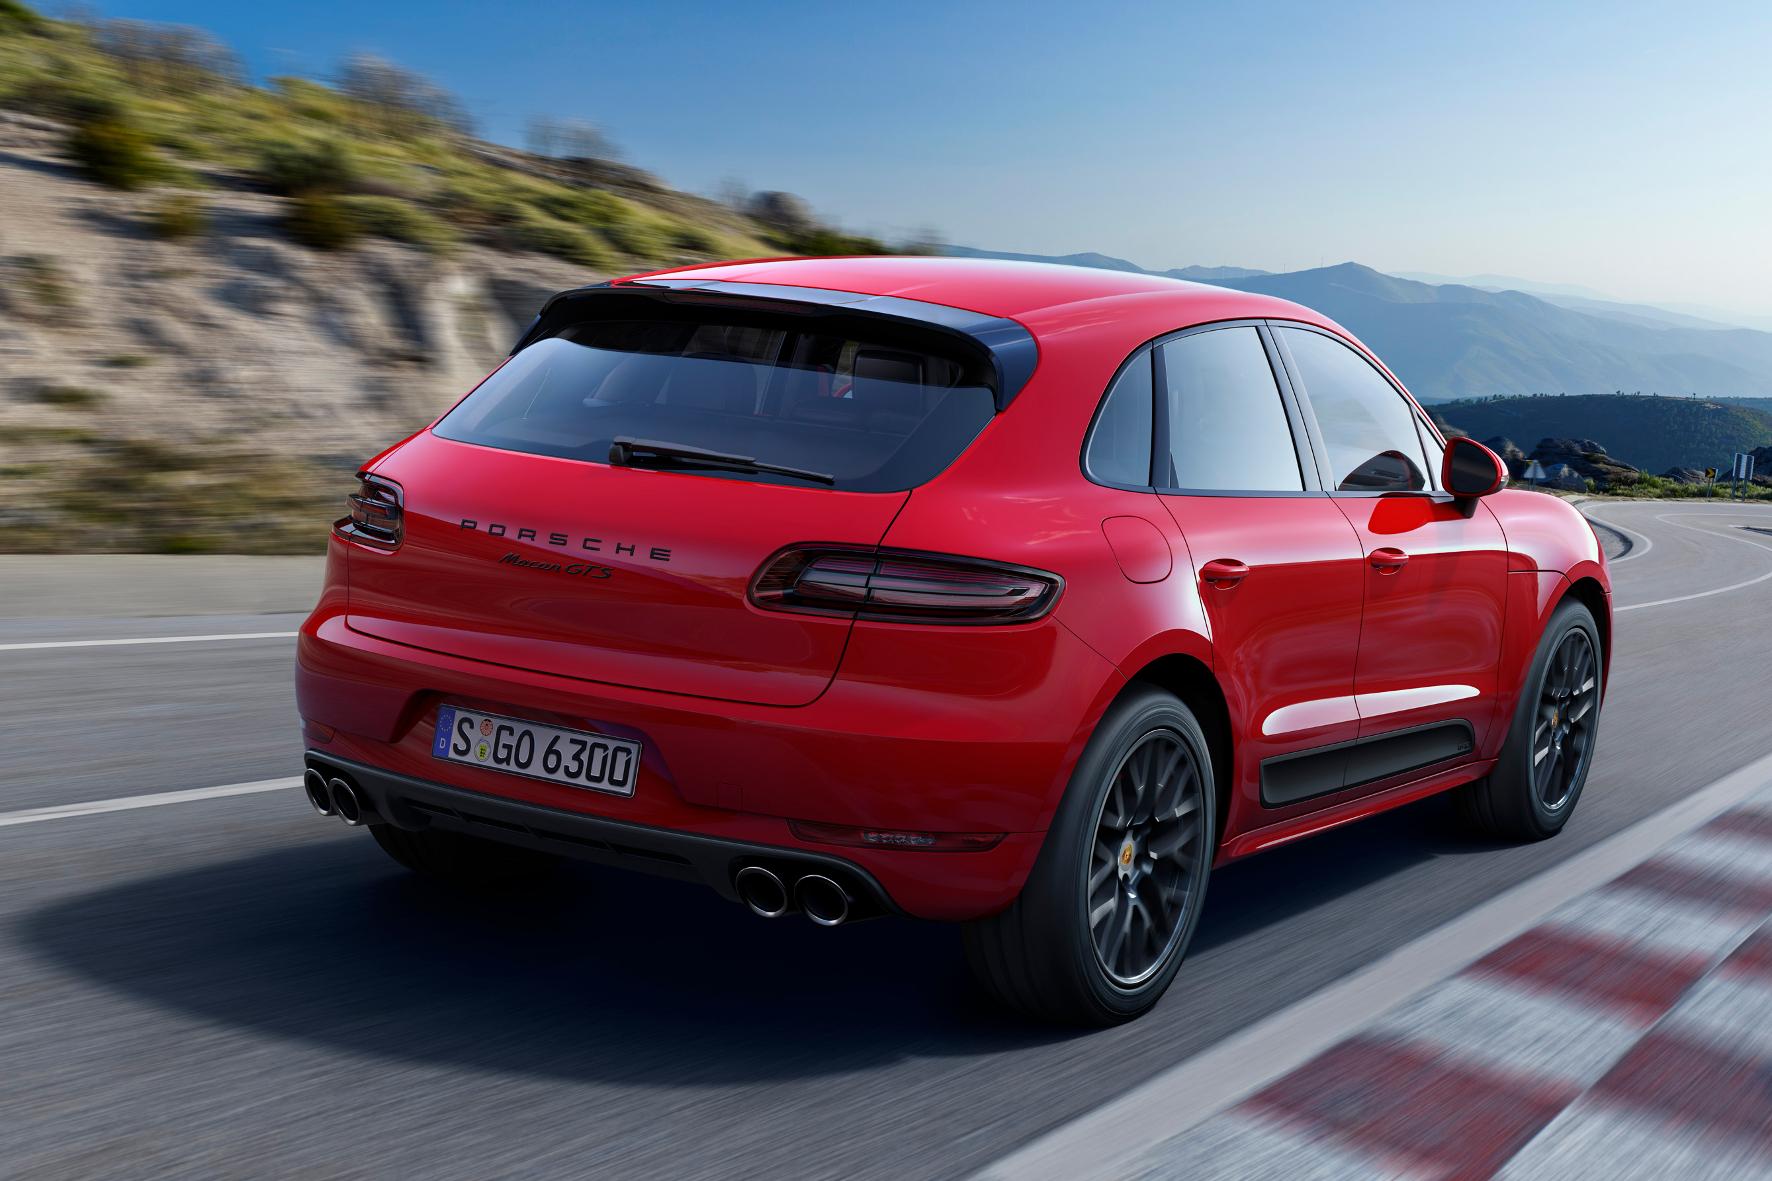 Porsche Macan Gts Mit 360 Ps Zwischen Macan S Und Turbo